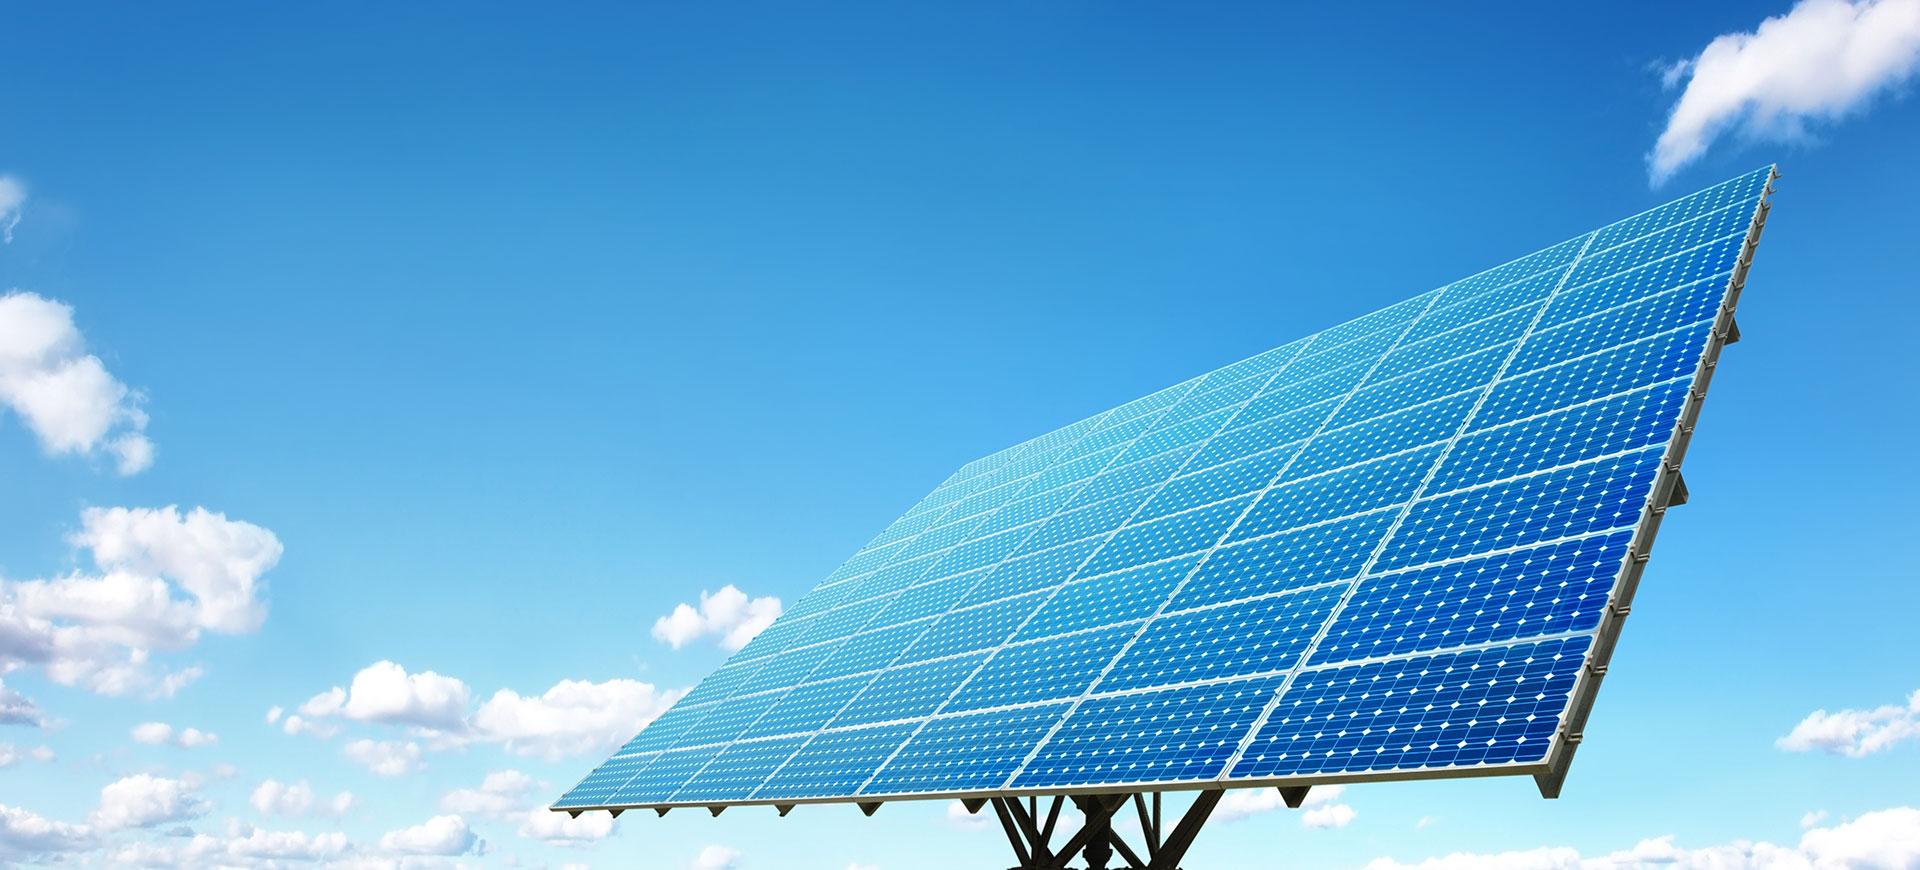 نیروگاه خورشیدی در ایران - شرکت انگلستان از سرمایه گذاری نیروگاه خورشیدی در ایران